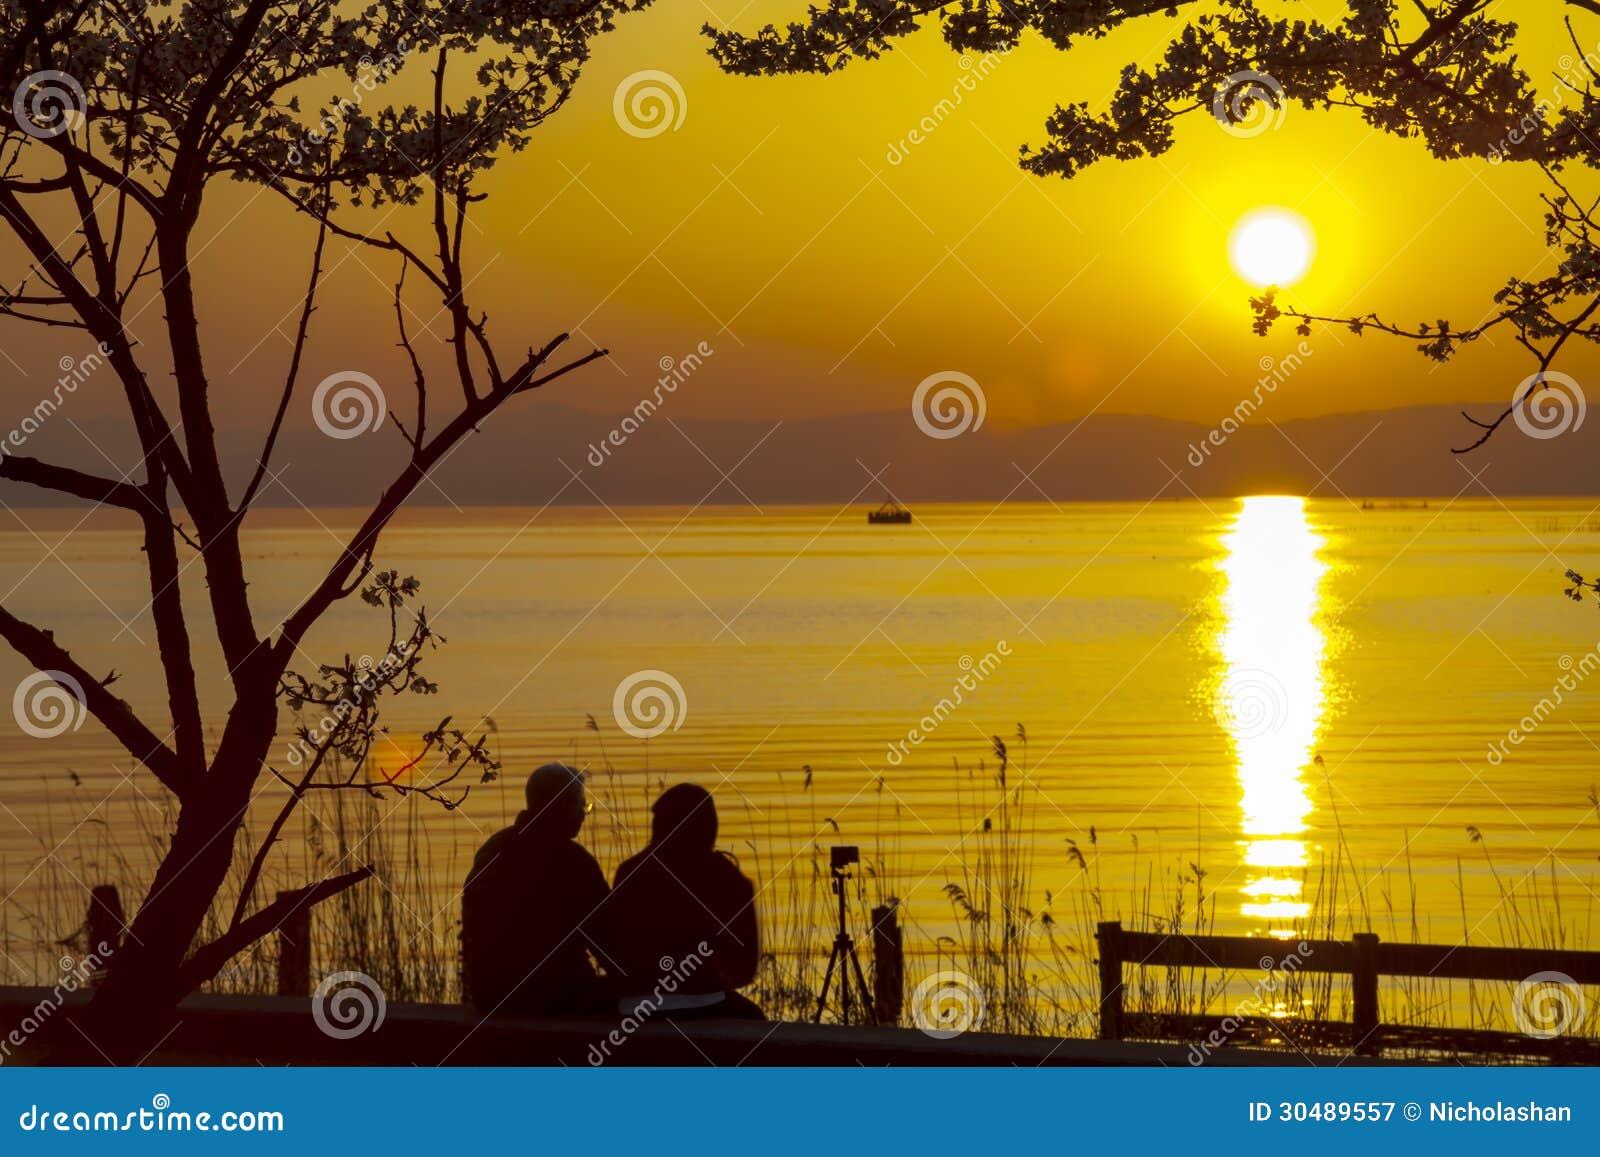 Japão Feng Park Sunset